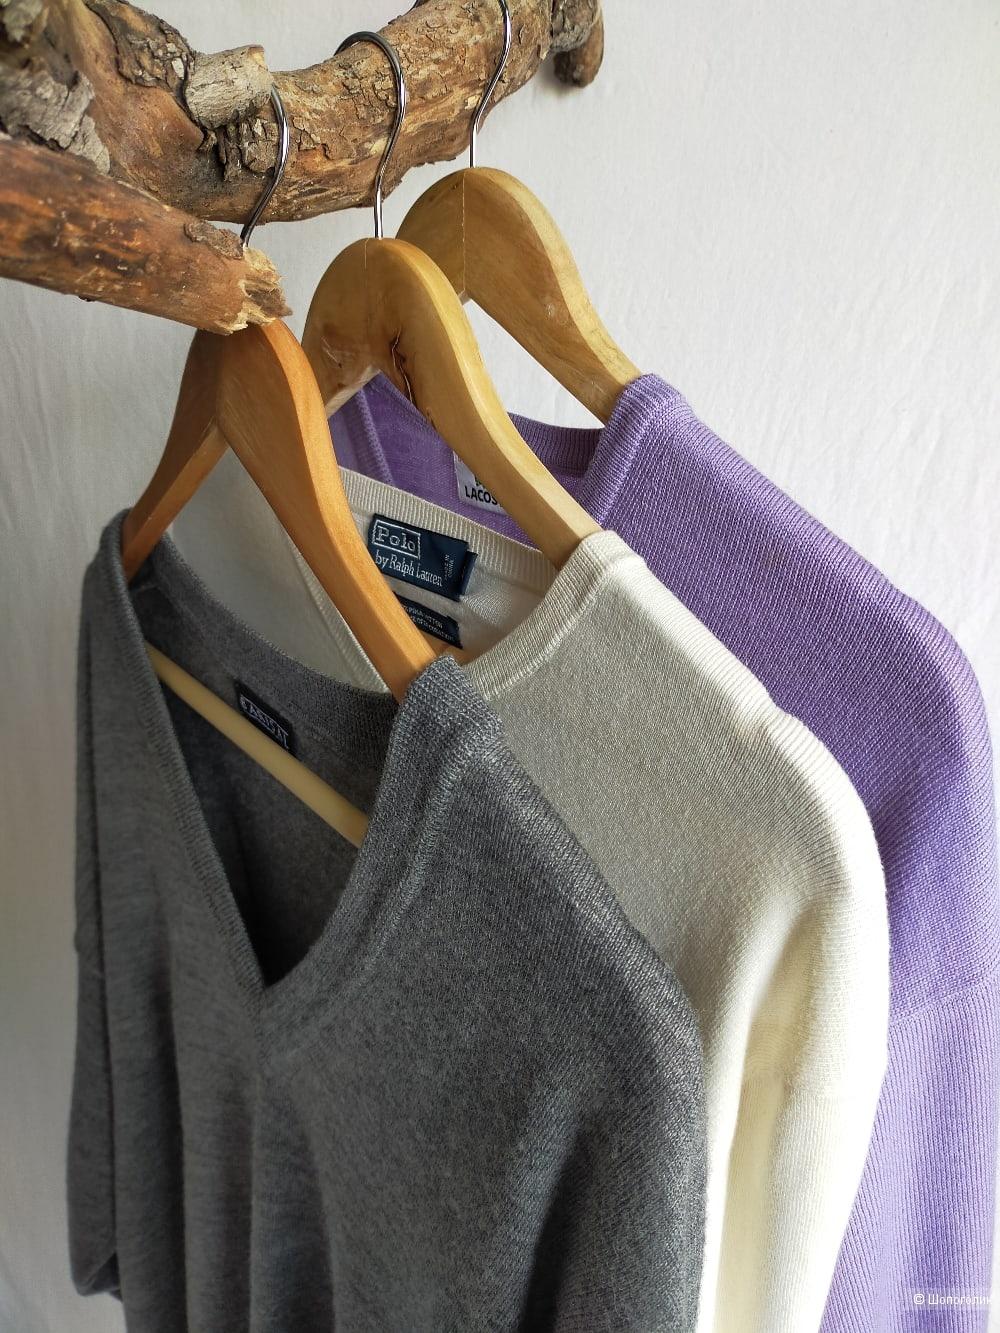 Шерстяной пуловер  Barisal, цвет грифельный, размер L / XL / XXL